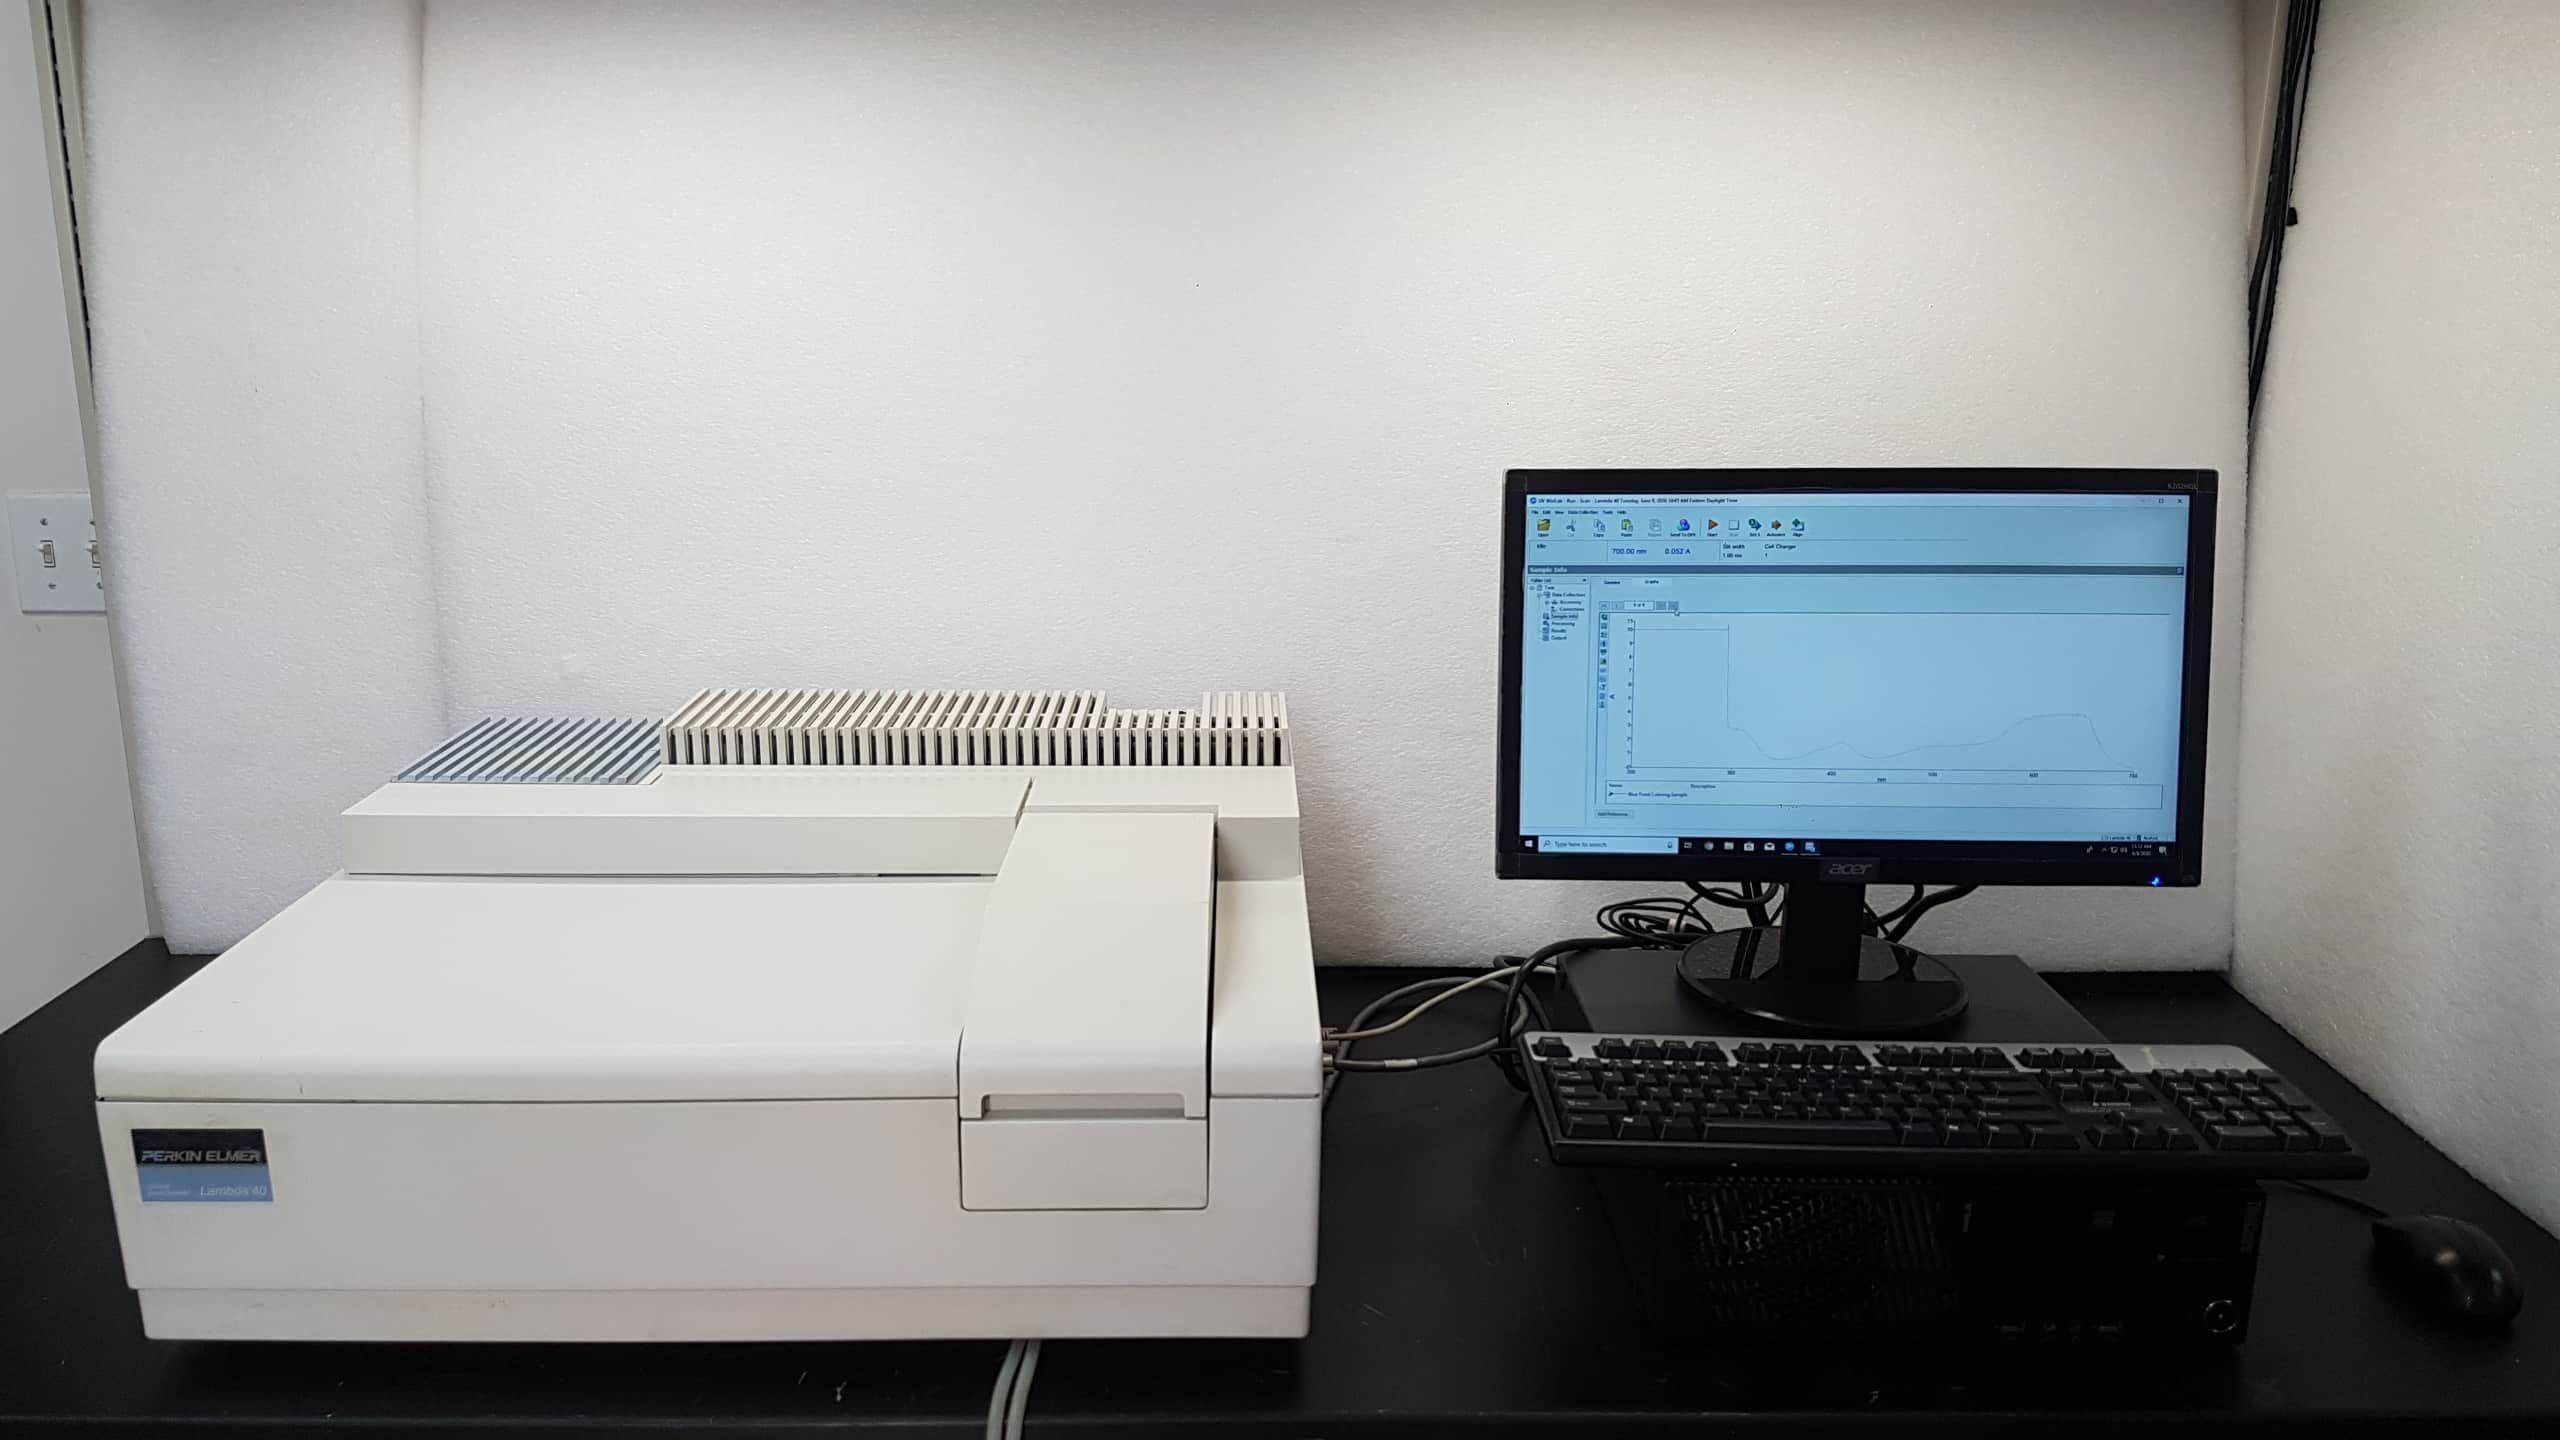 Perkin Elmer Lambda 40 UV/Vis Spectrometer